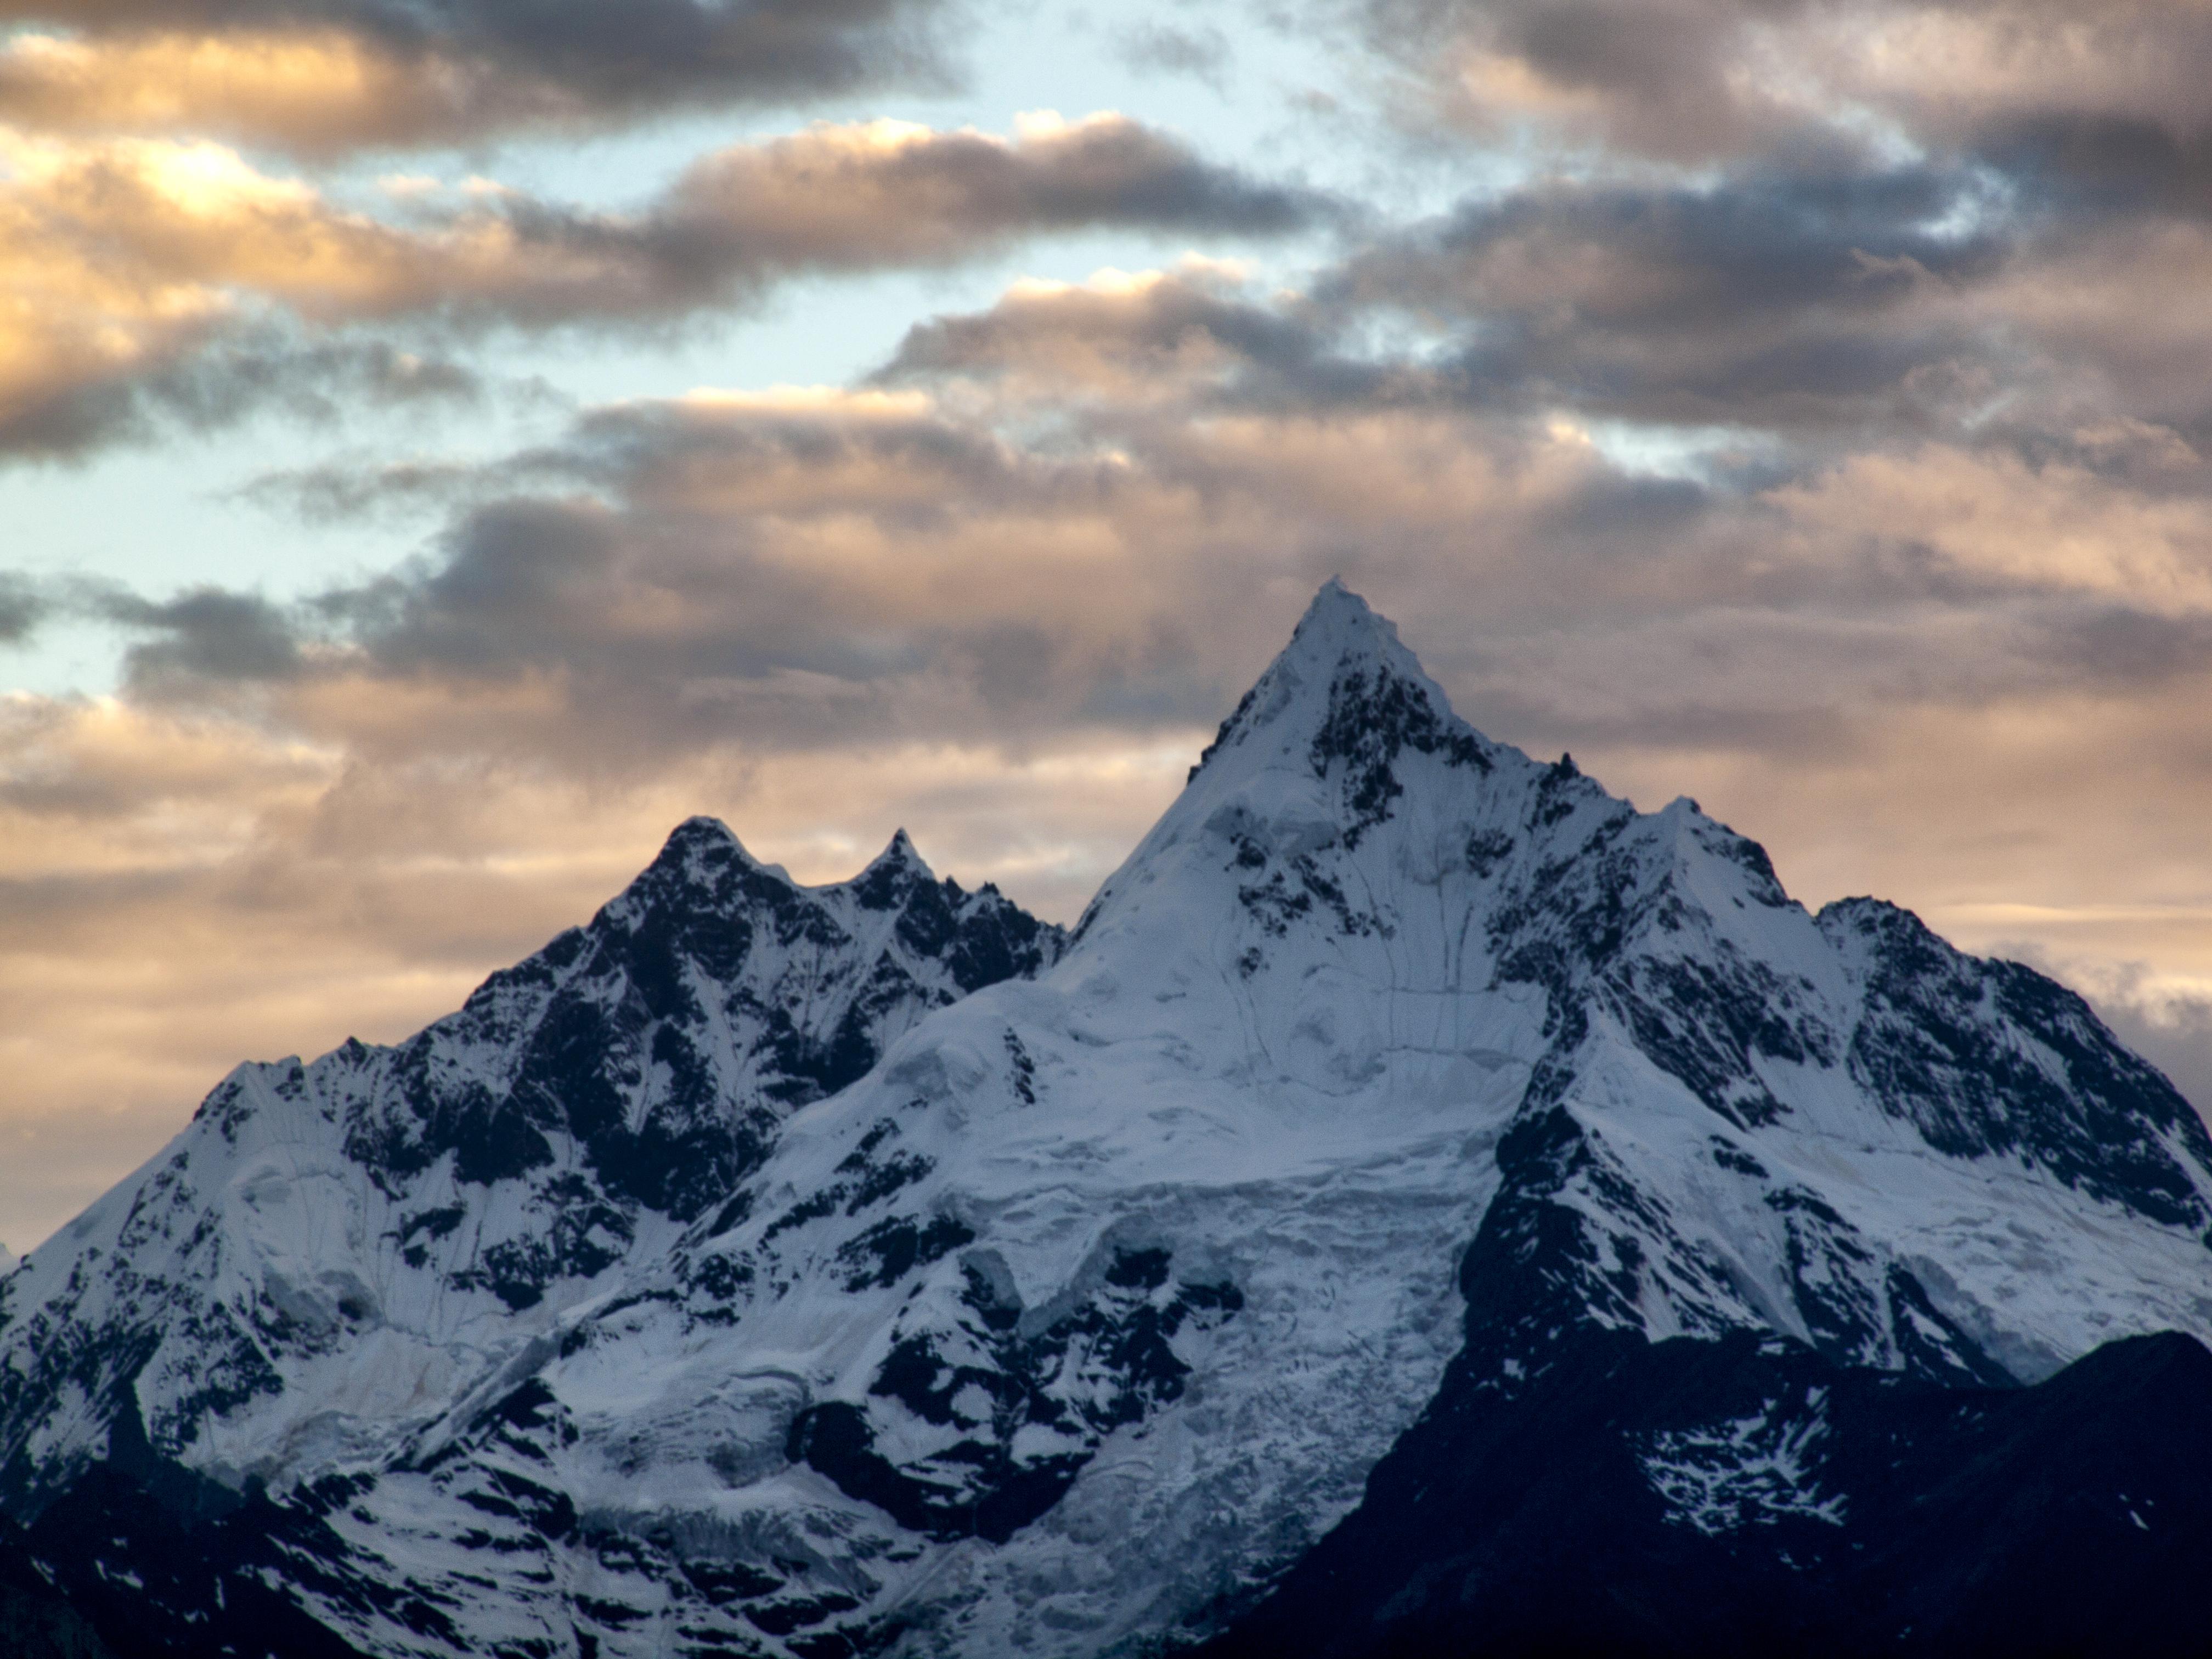 Risultati immagini per mountain